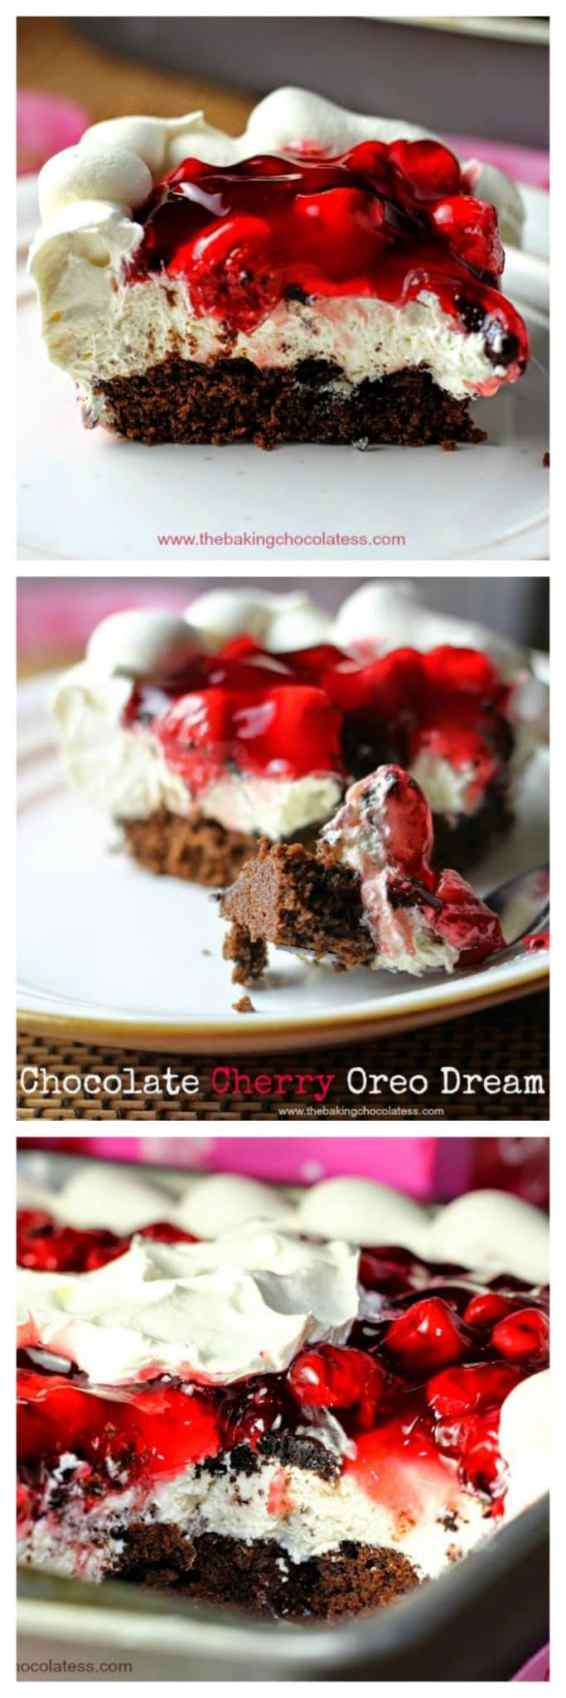 Chocolate Cherry Oreo Dream Dessert